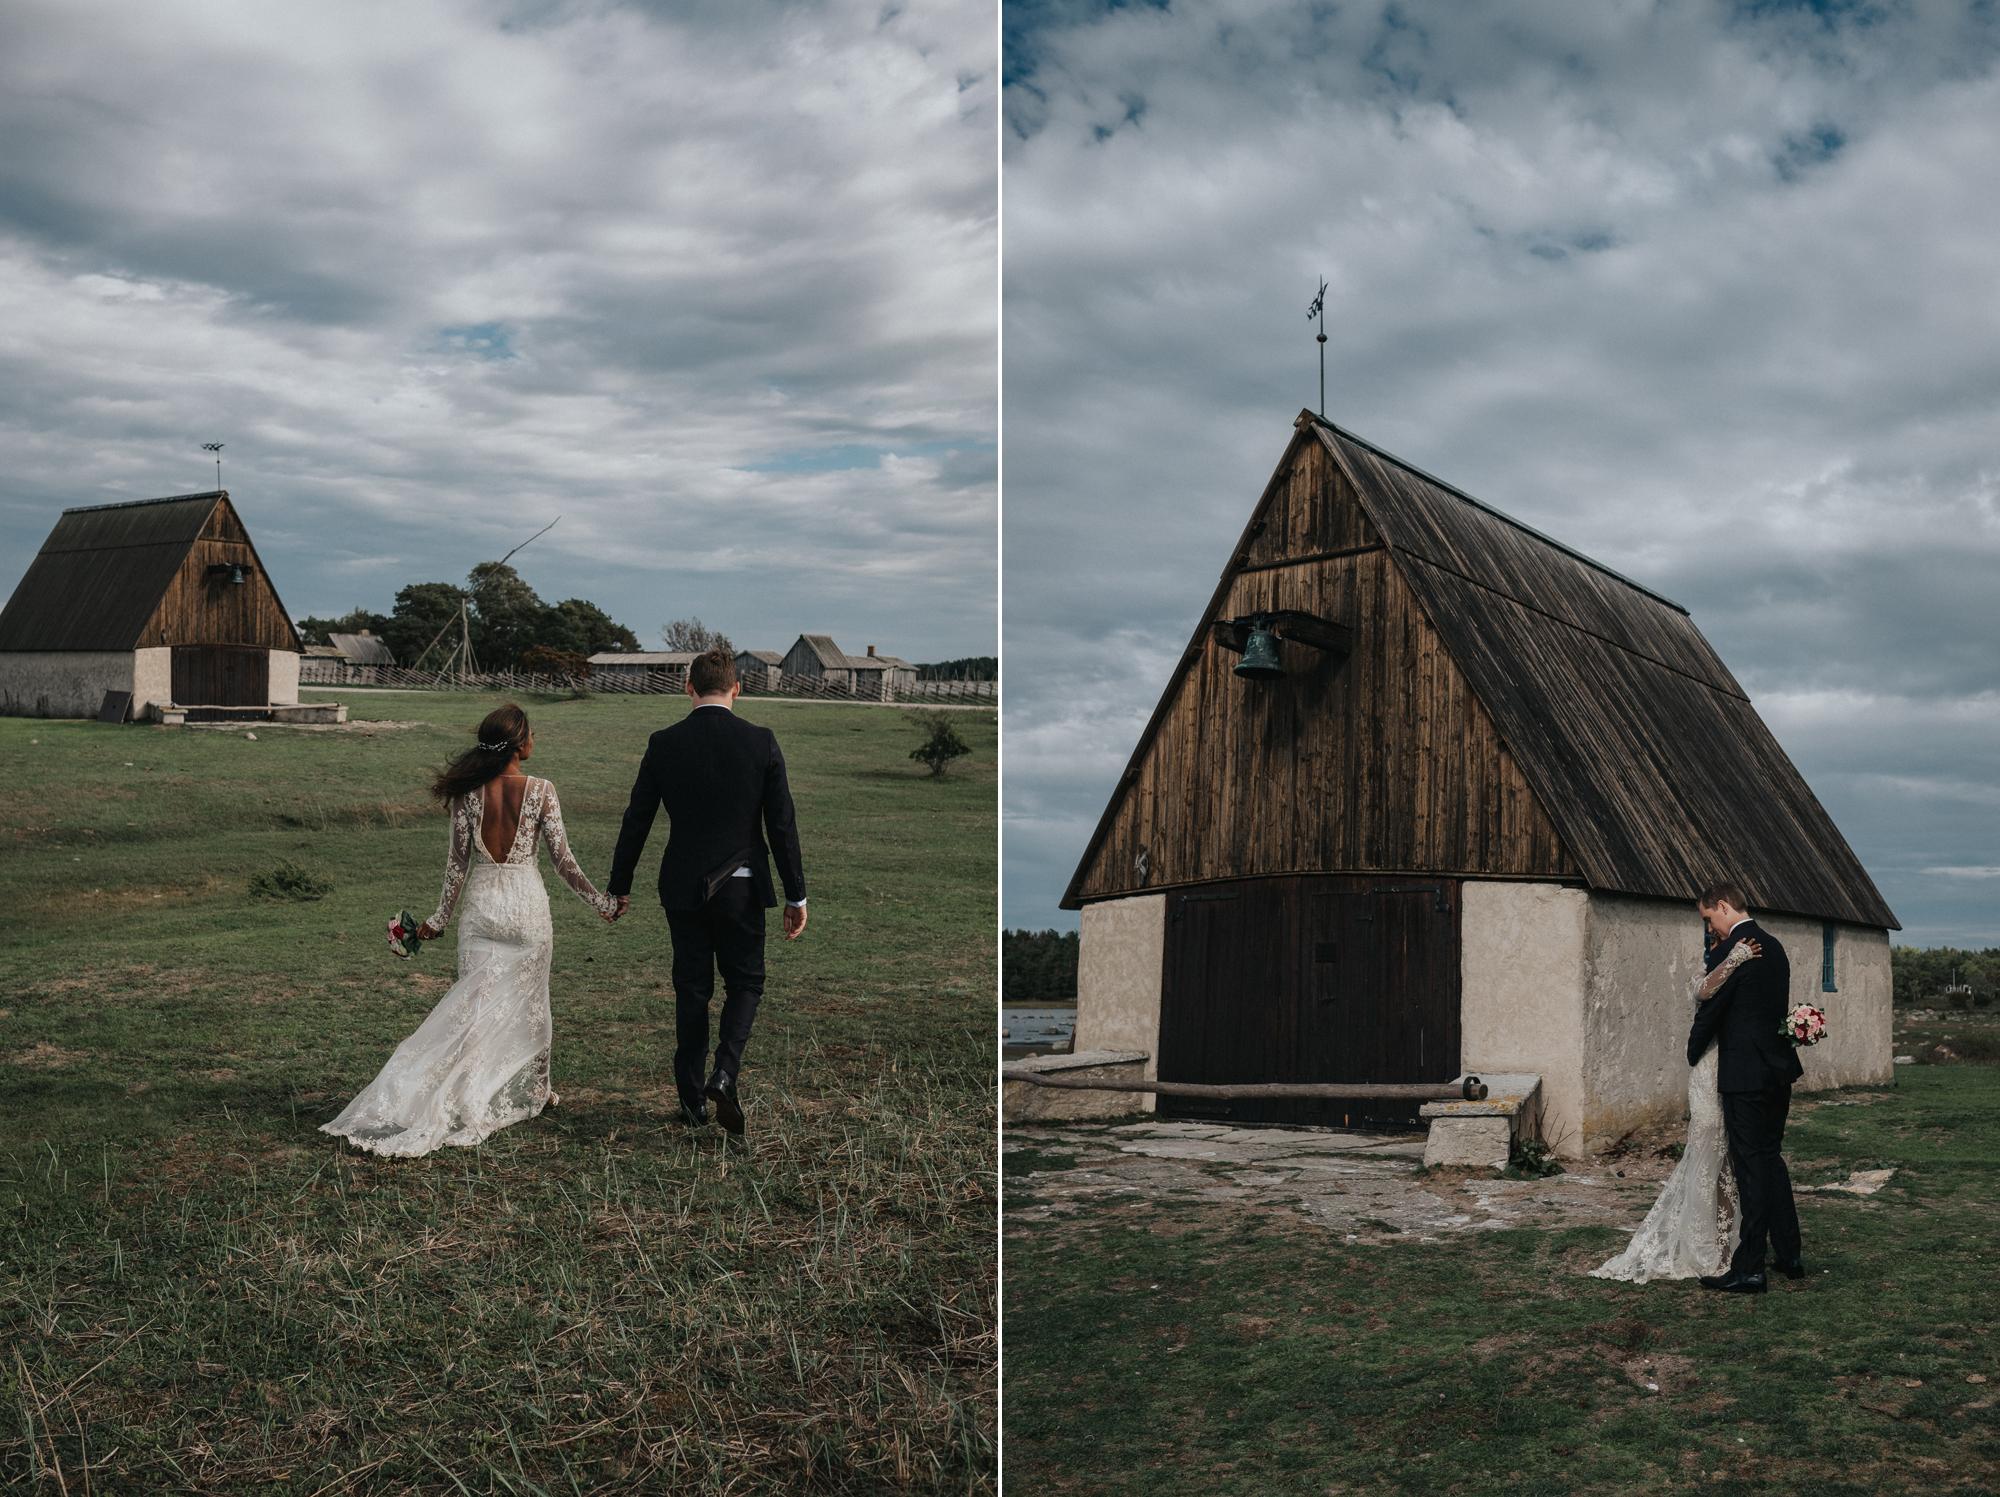 031-bröllopsfotograf-kovik-gotland-neas-fotografi.jpg